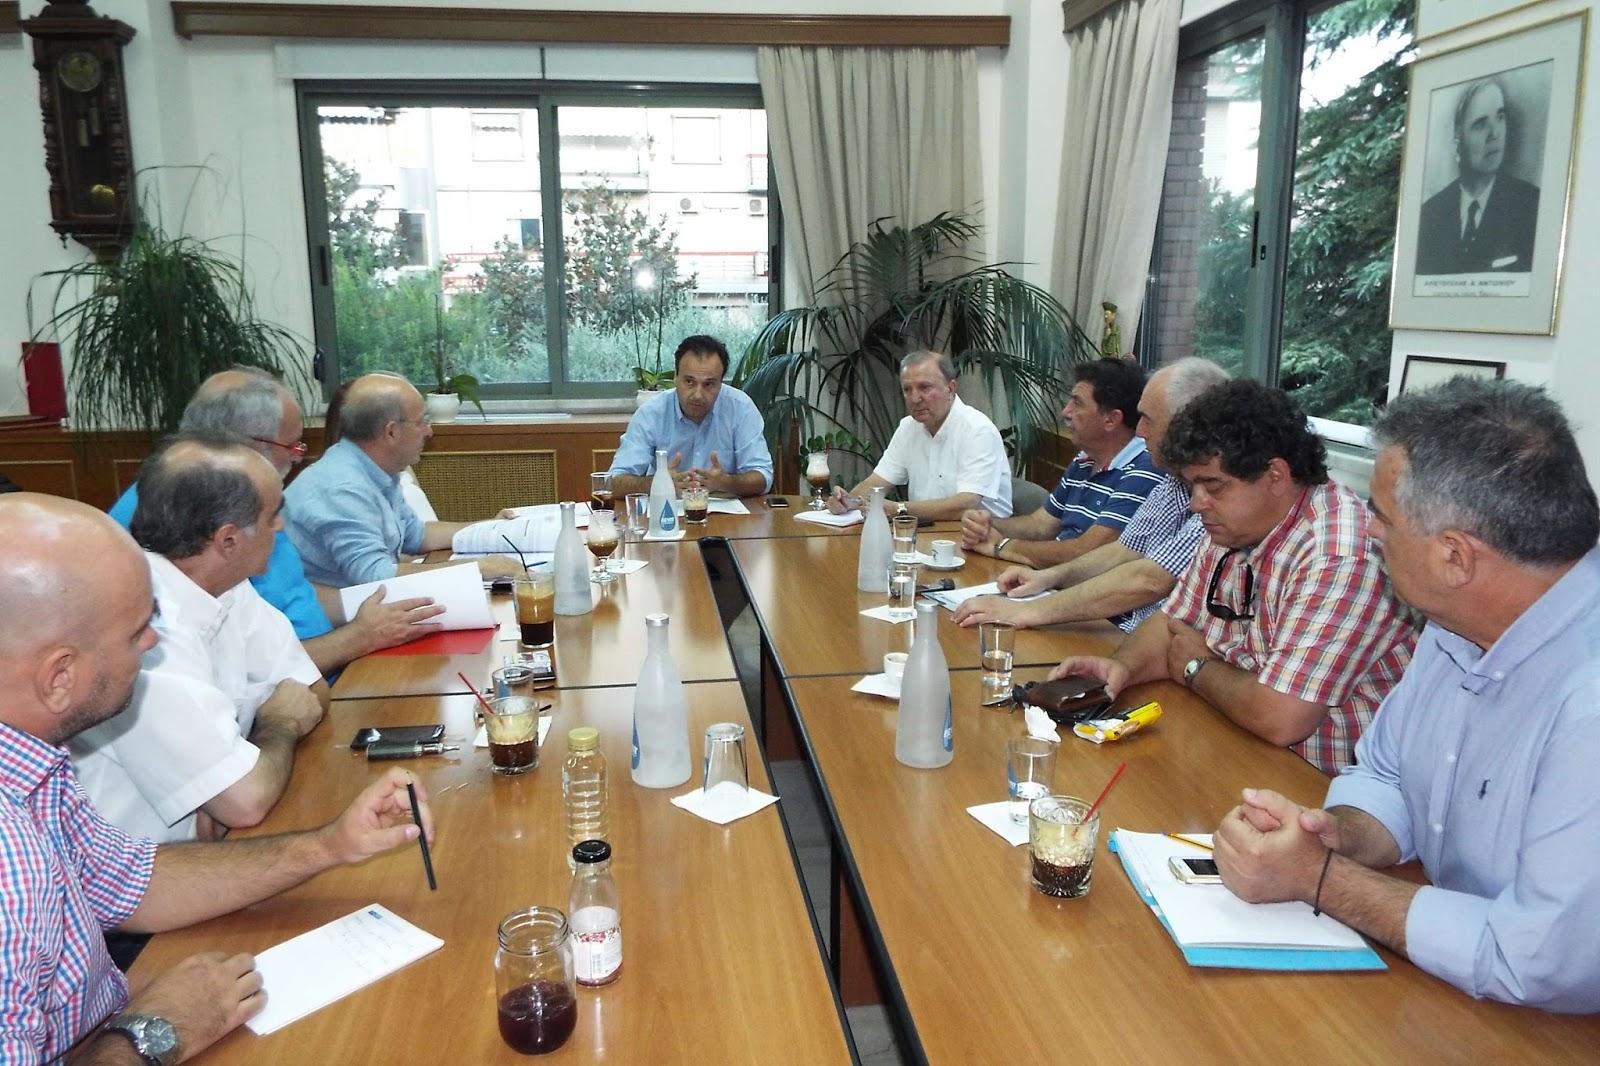 Συνάντηση του Δημάρχου Τρικκαίων με τους βουλευτές Τρικάλων του ΣΥΡΙΖΑ